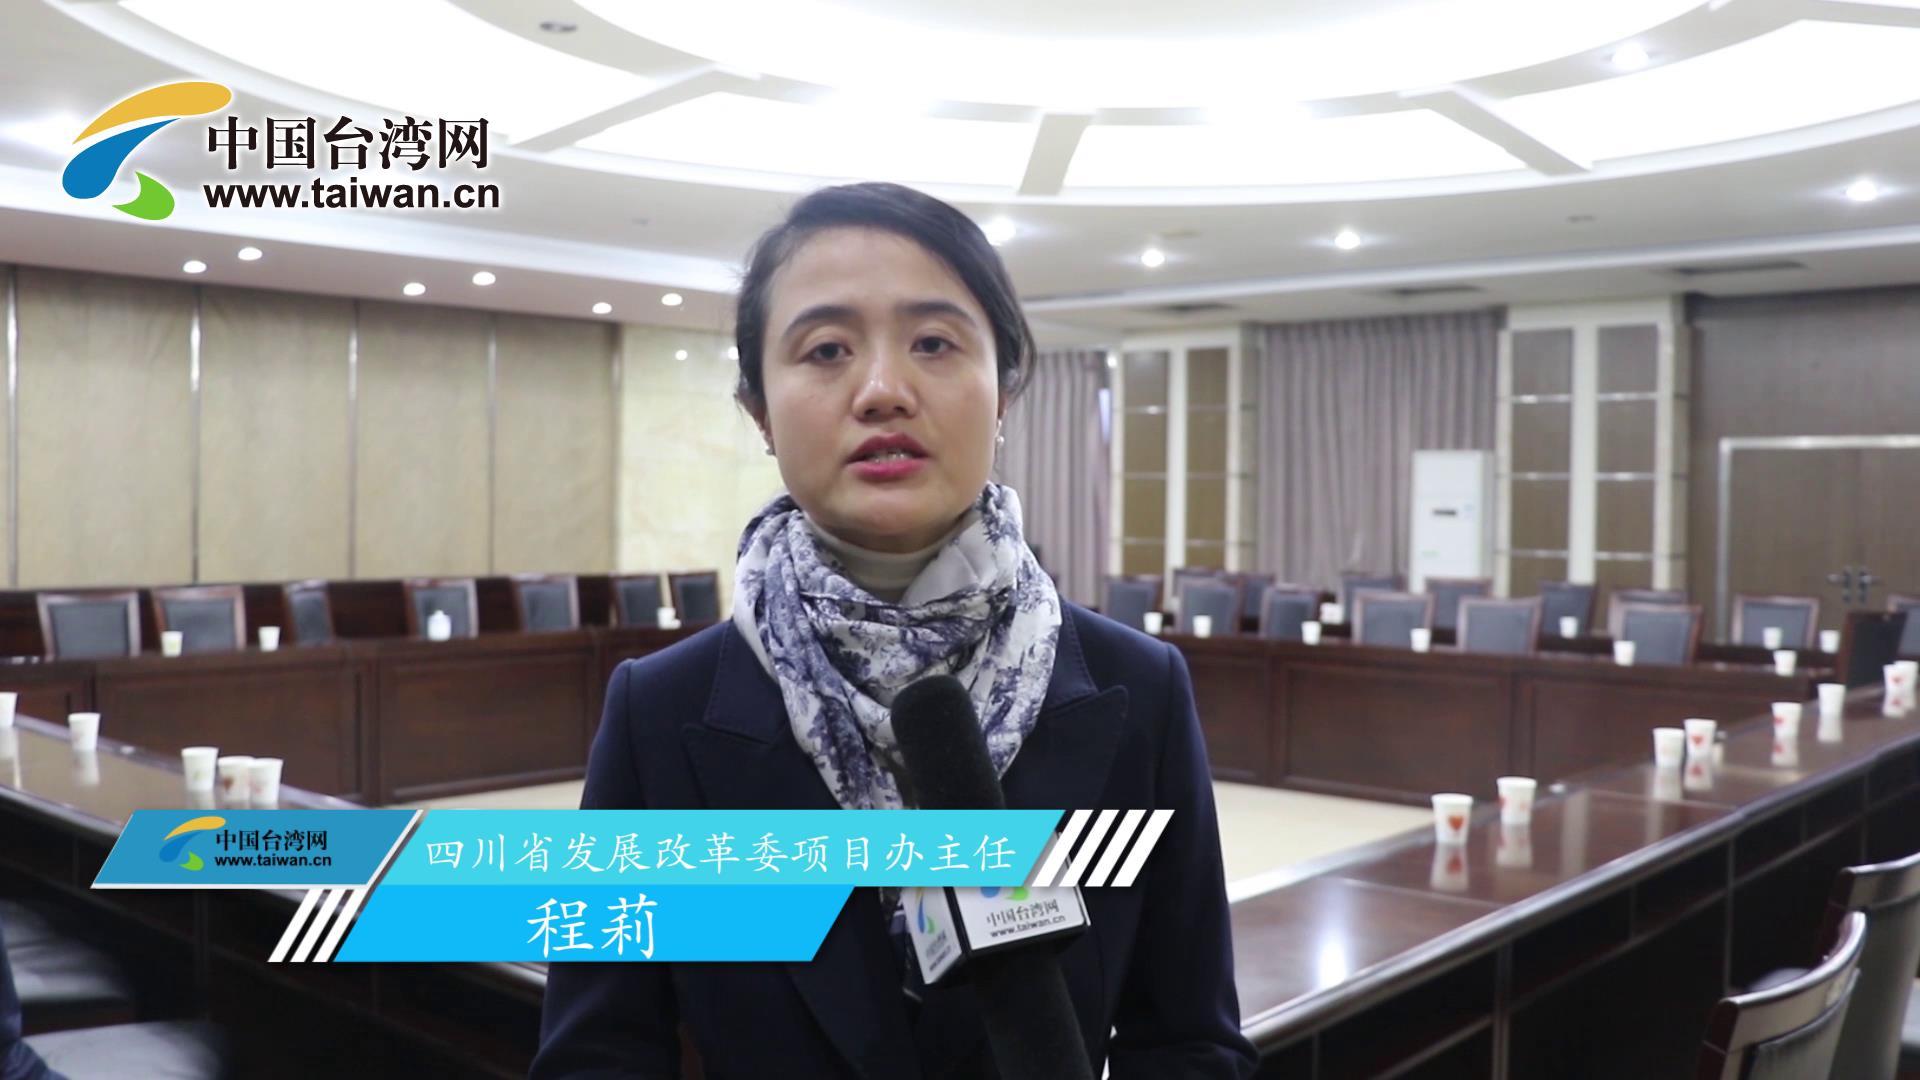 在川台资企业共同享有当地营商改革红利图片